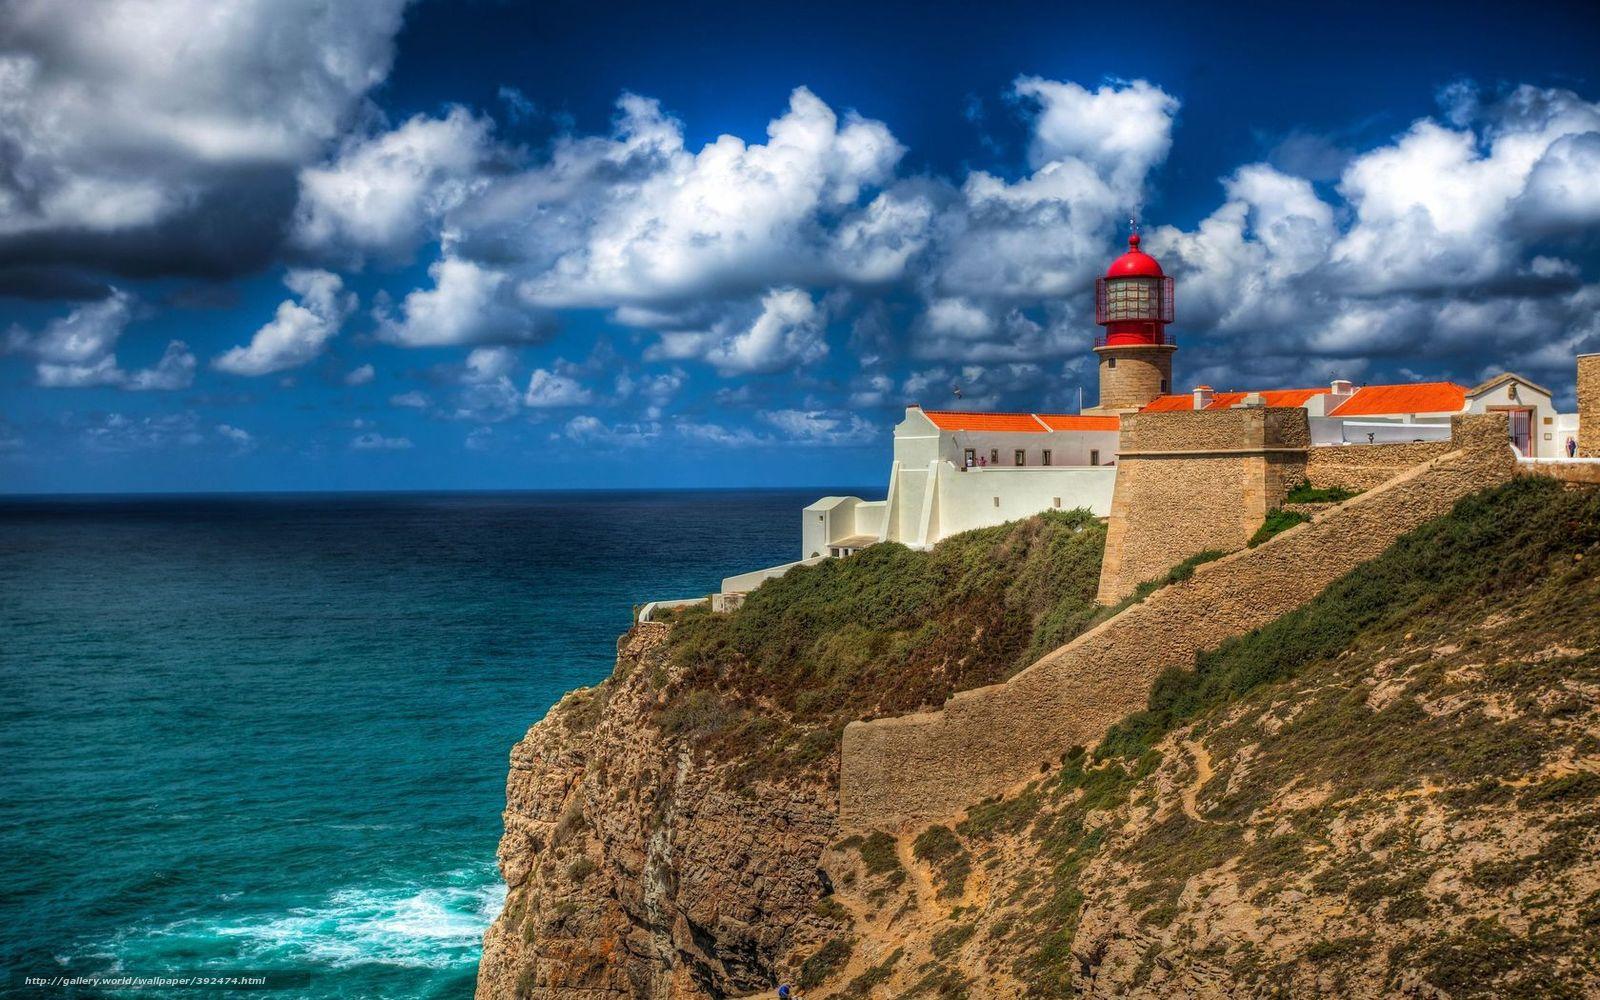 Скачать обои Португалия,  маяк,  море,  побережье бесплатно для рабочего стола в разрешении 1680x1050 — картинка №392474